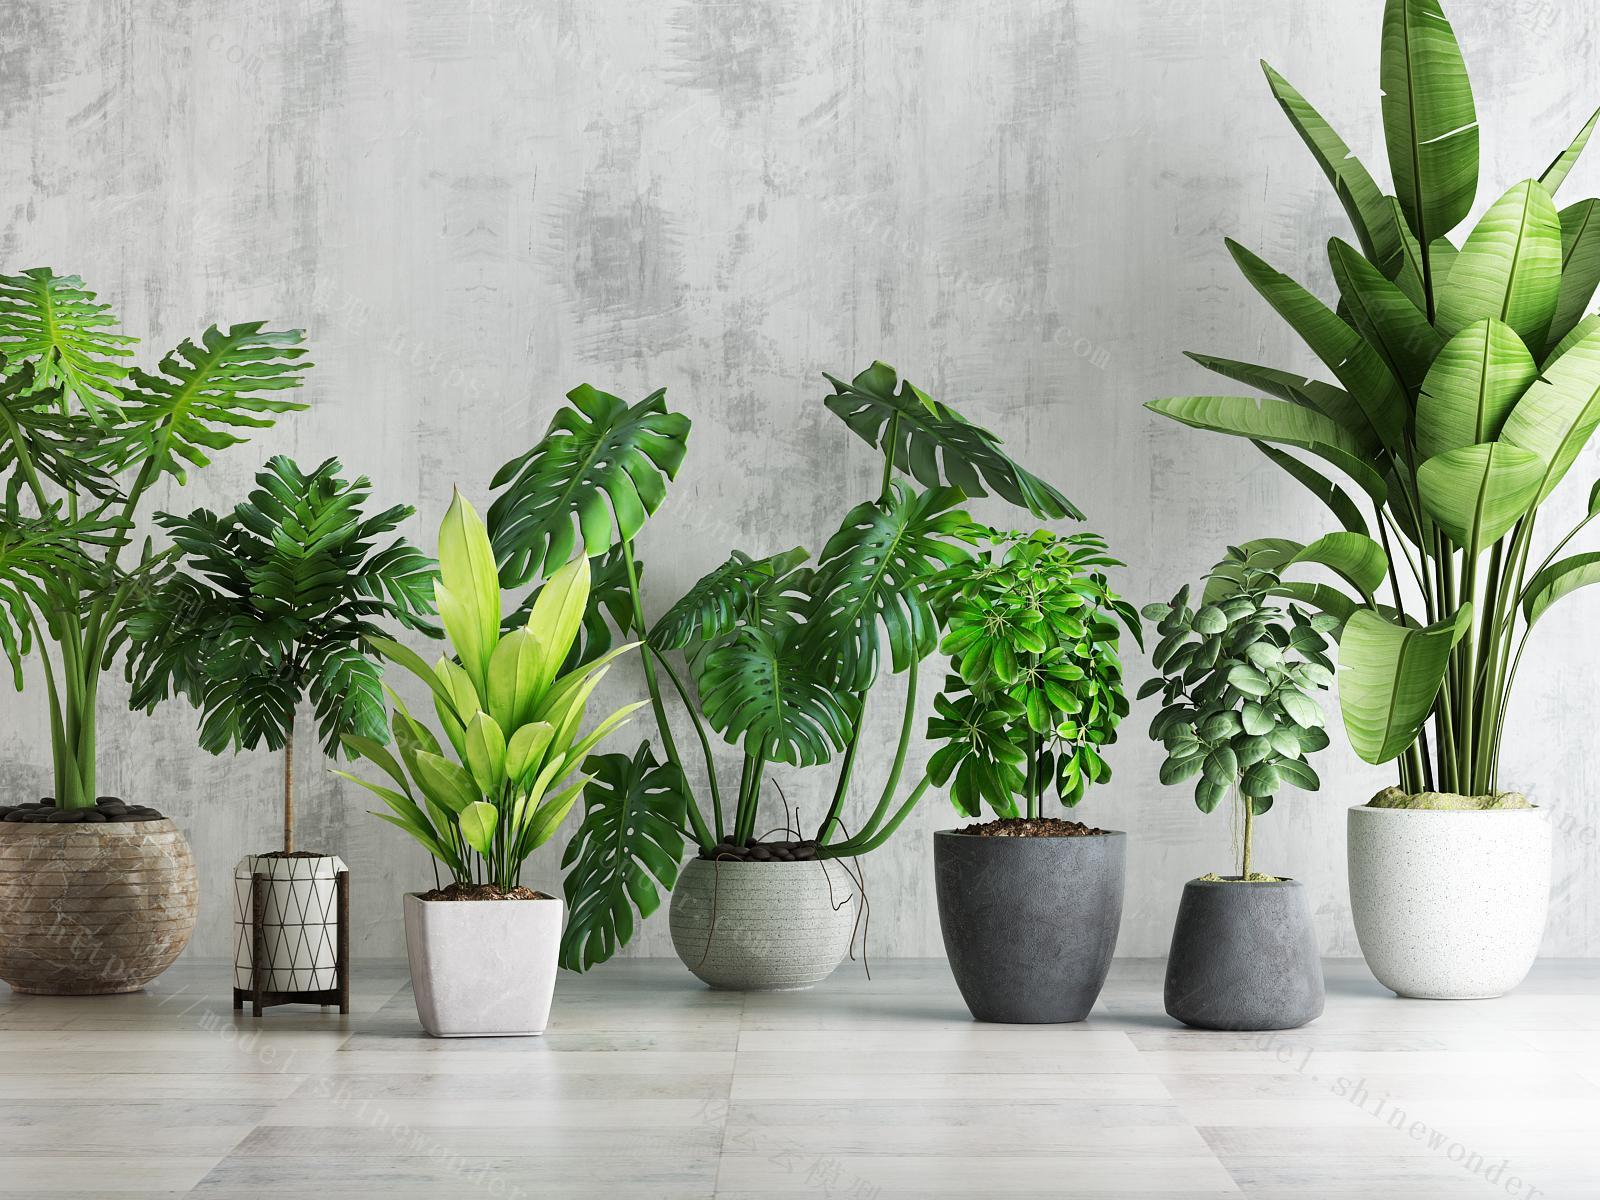 植物盆栽绿植组合模型